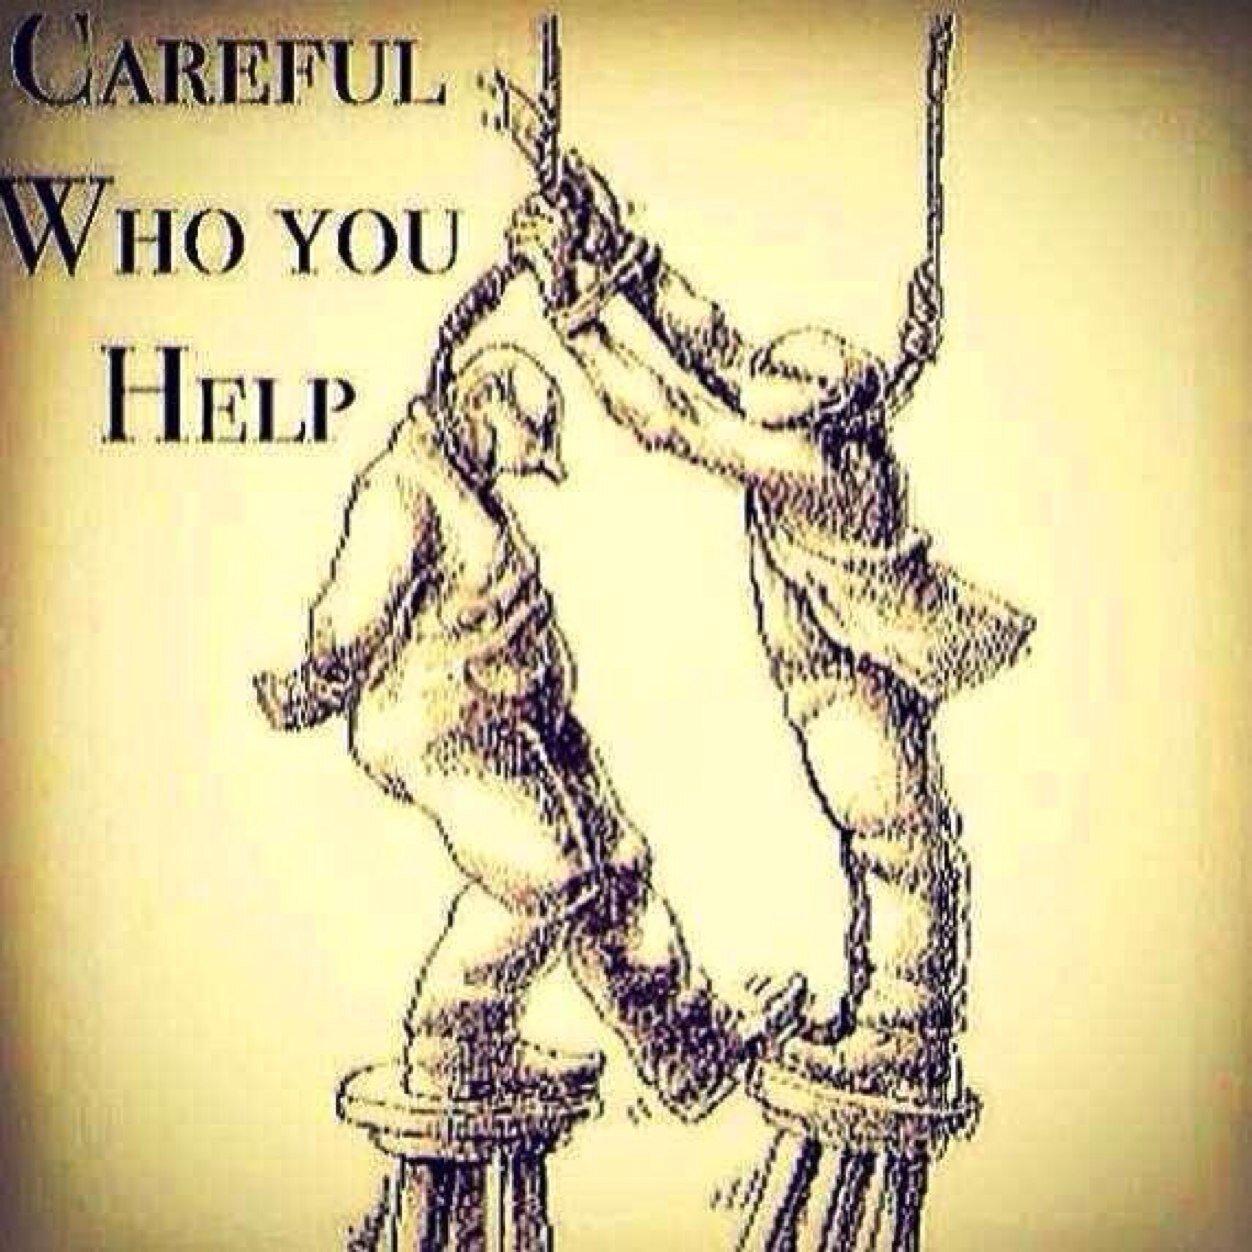 Картинки смотри кому помогаешь